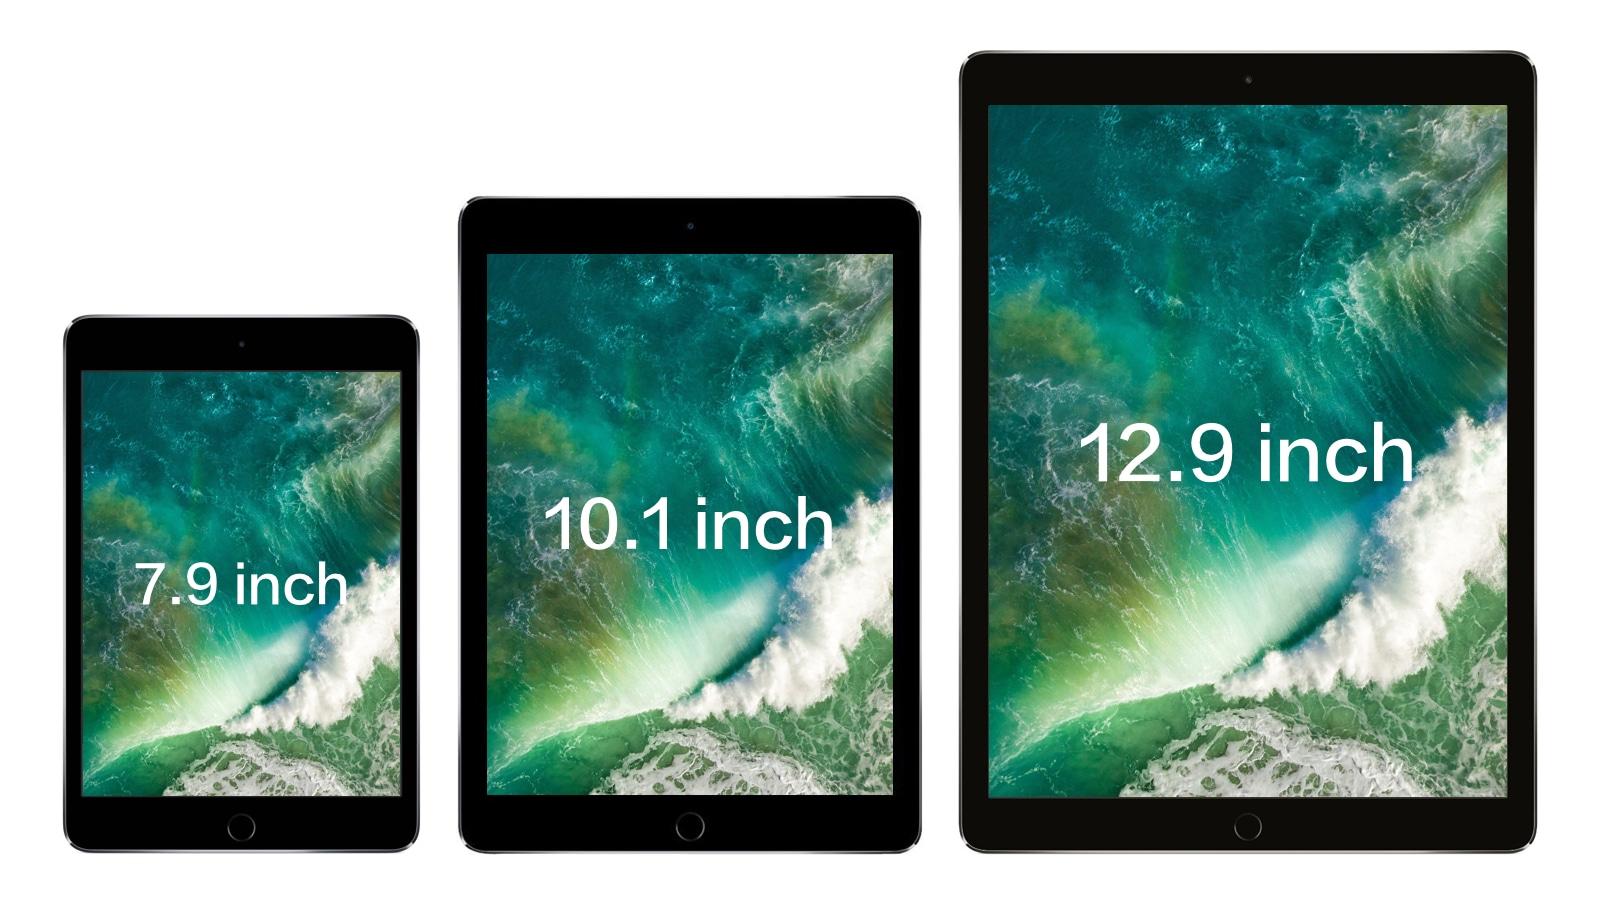 2017年 iPad Pro 7.9インチ、10.1インチ、12.9インチ